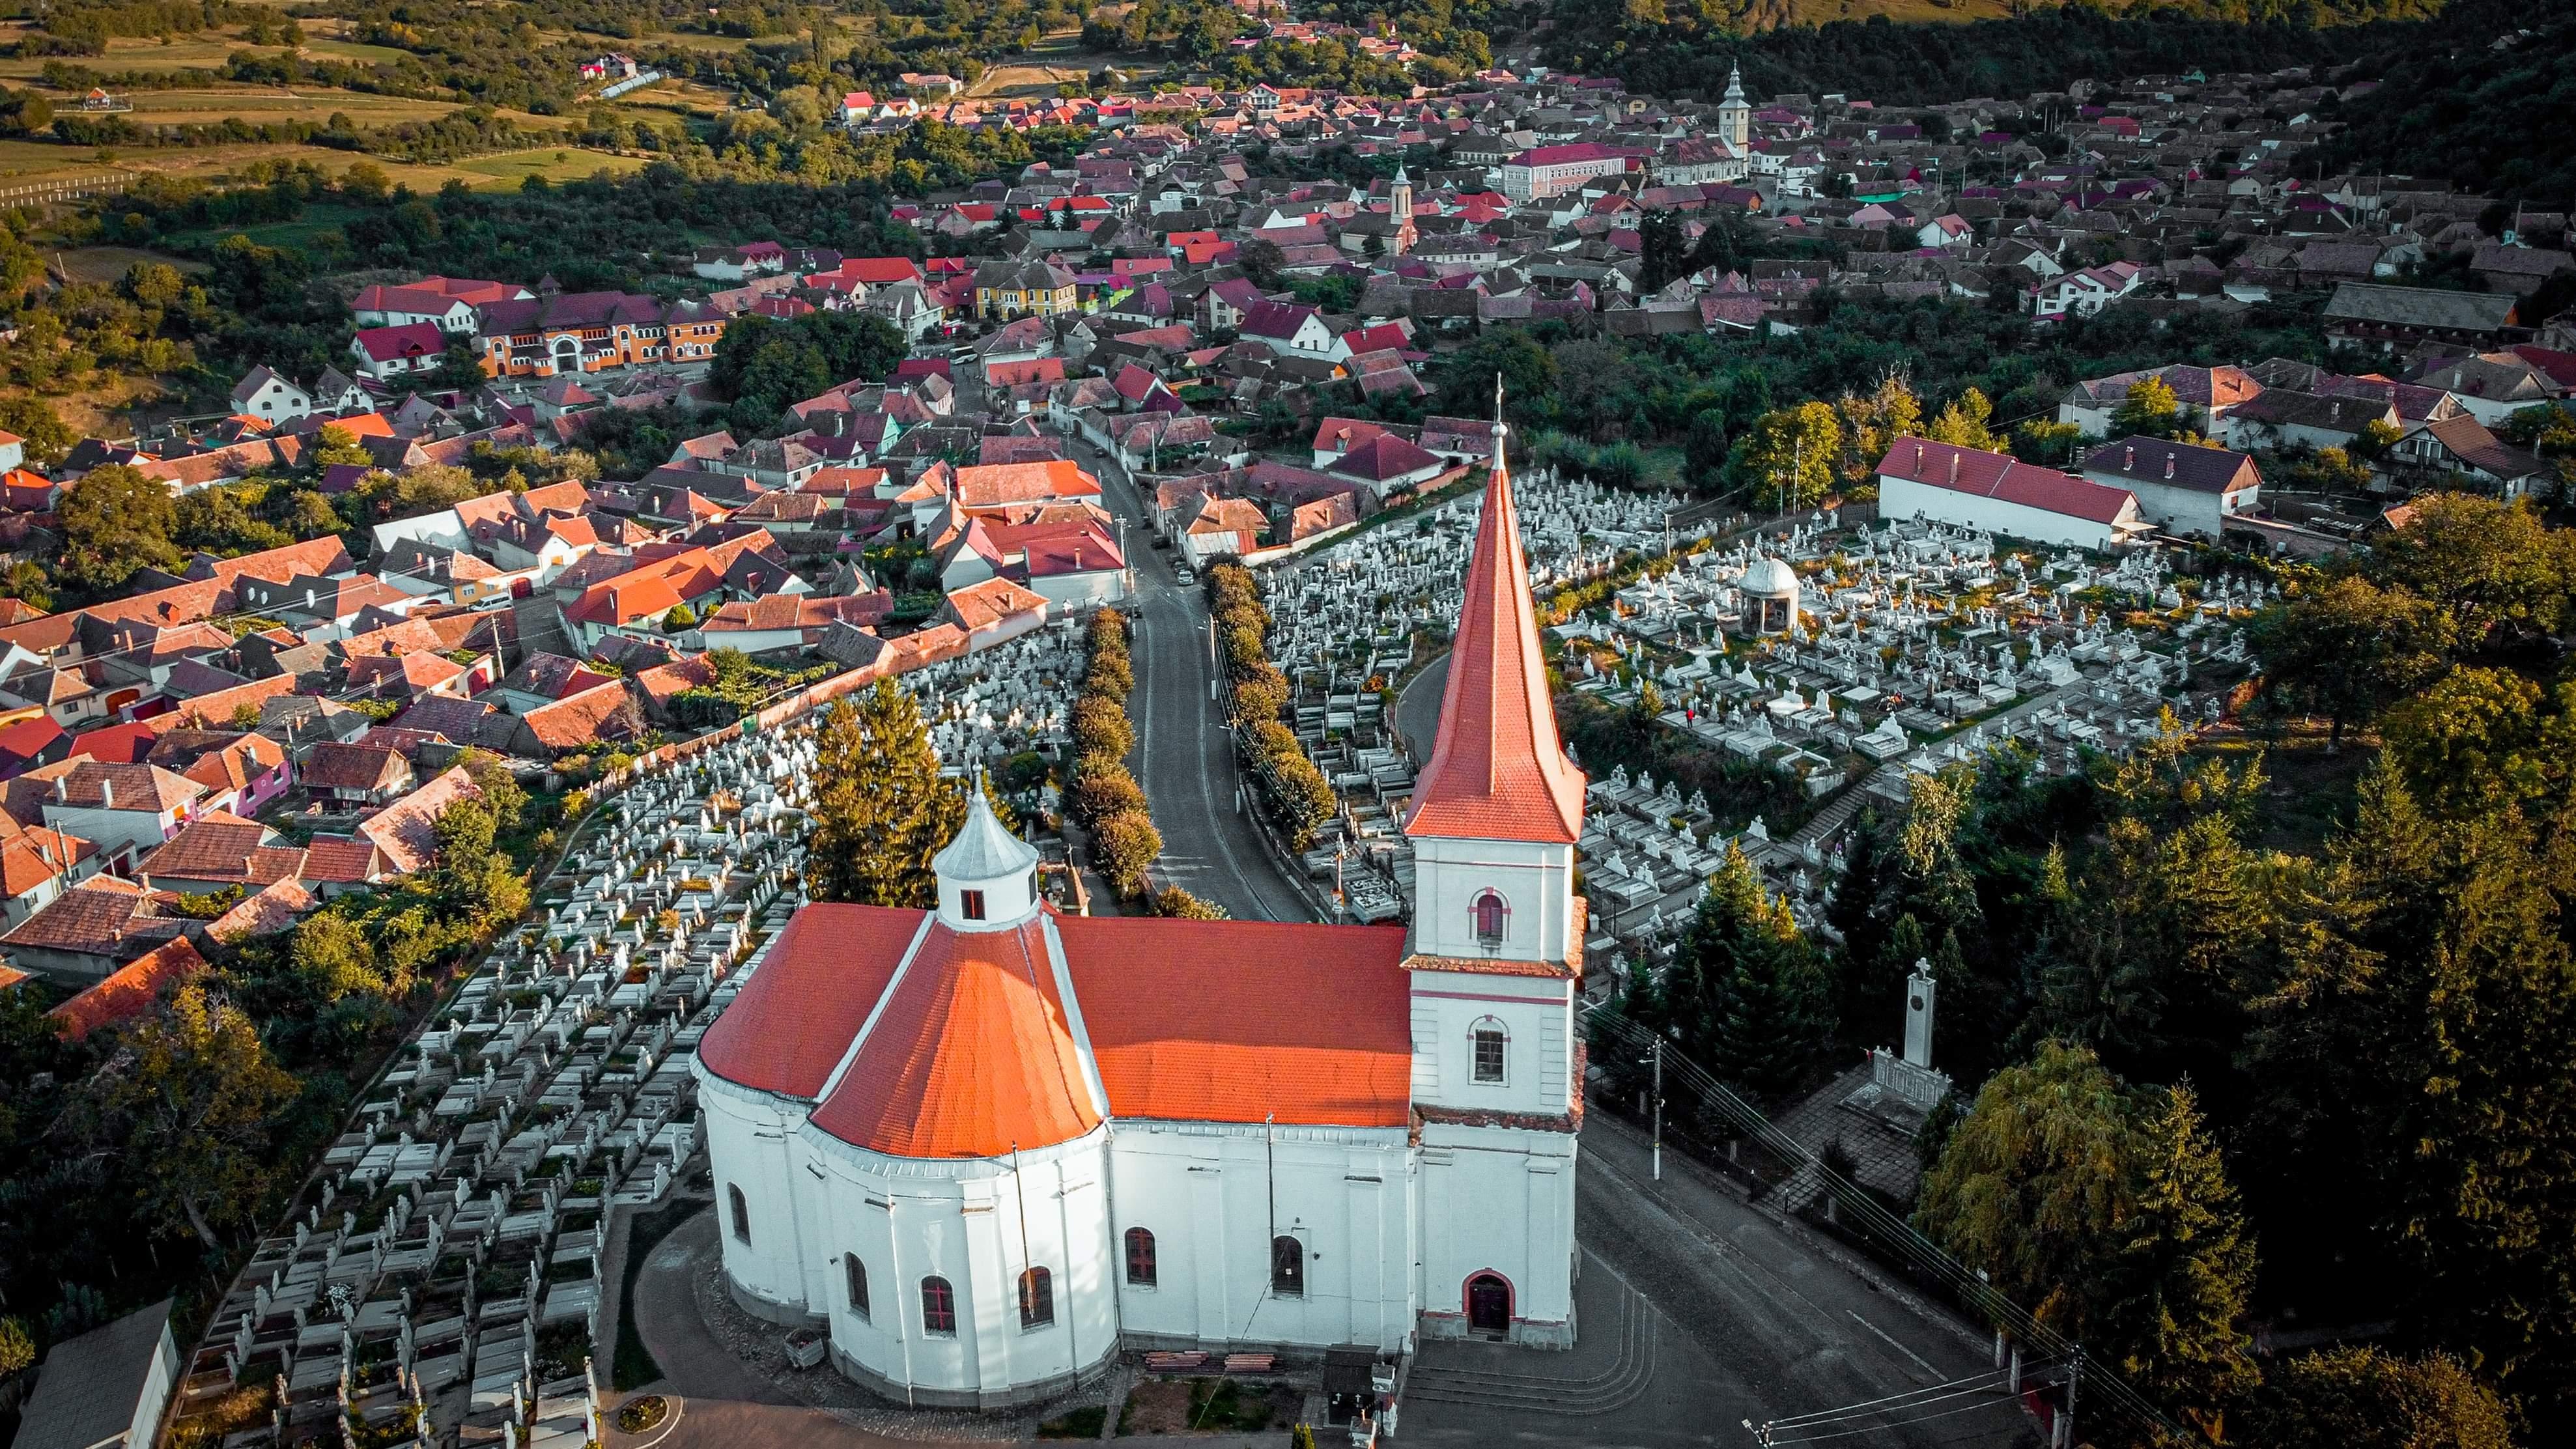 Ruta turistică Poarta Transilvaniei trece prin Sibiu. Ce poți face șase zile în județ